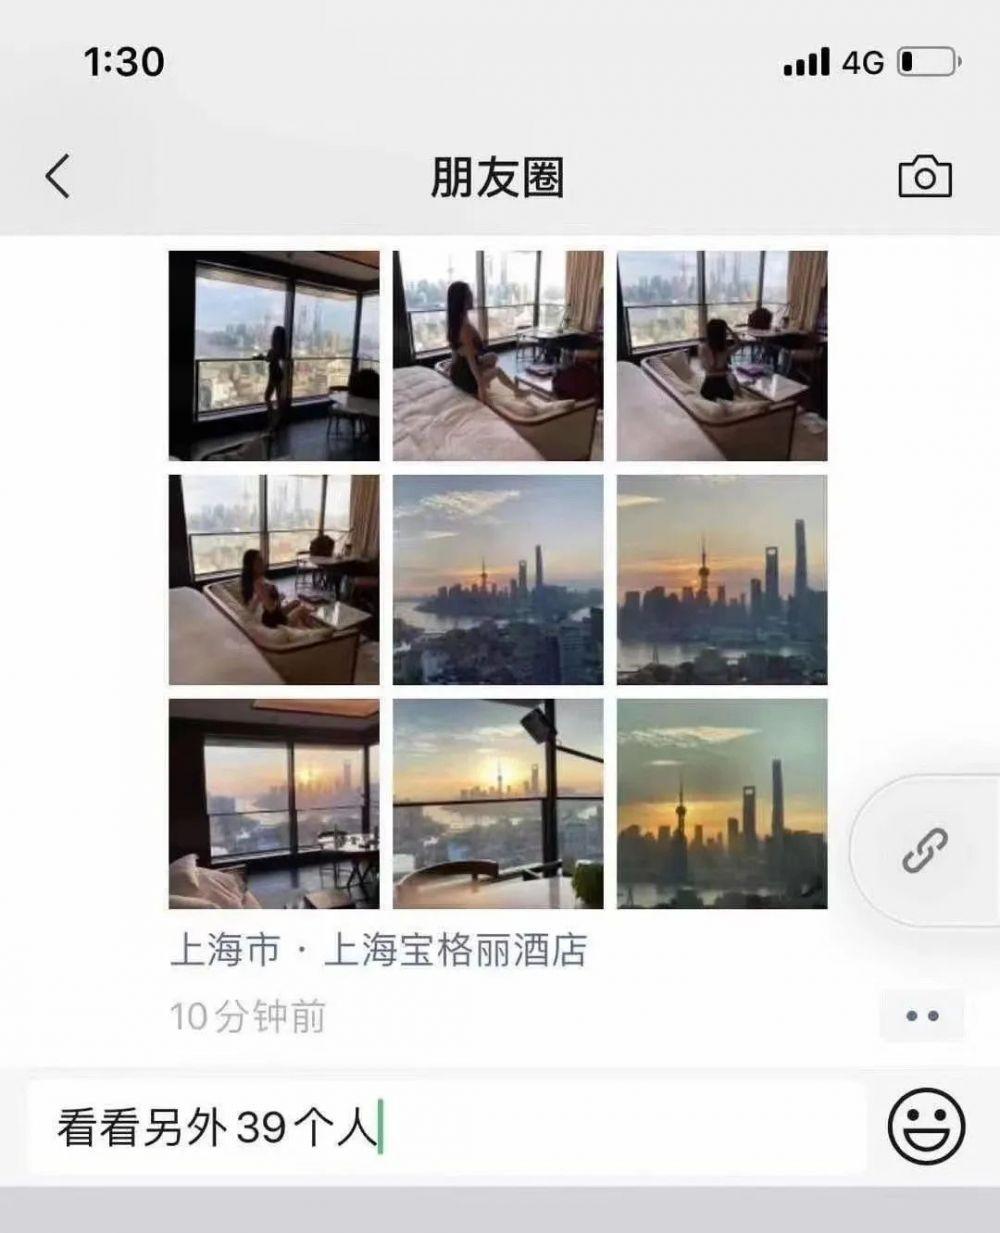 被上海名媛圈笑吐了,Gucci公关哭晕在厕所-第69张图片-周小辉博客